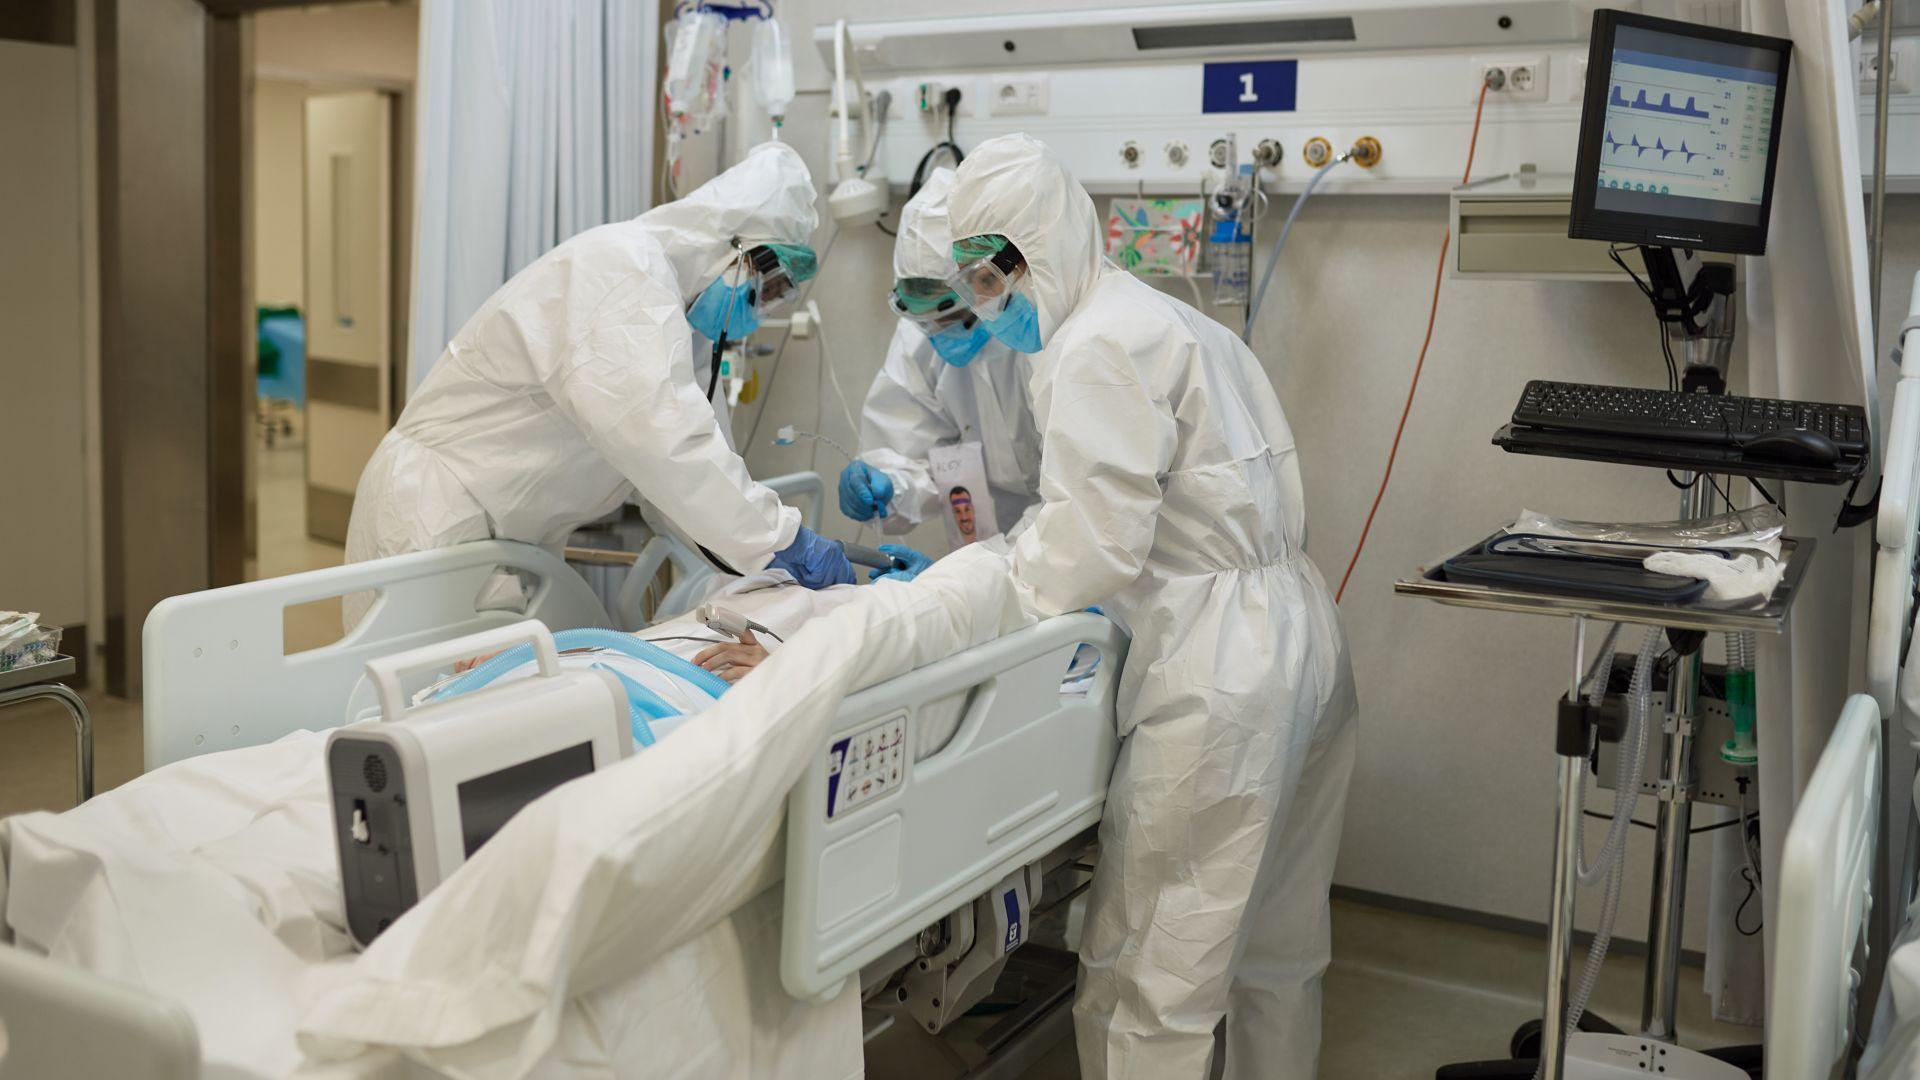 Стойчо Кацаров: Да заведем нарушителите в отделенията, за да видят интубираните (видео)